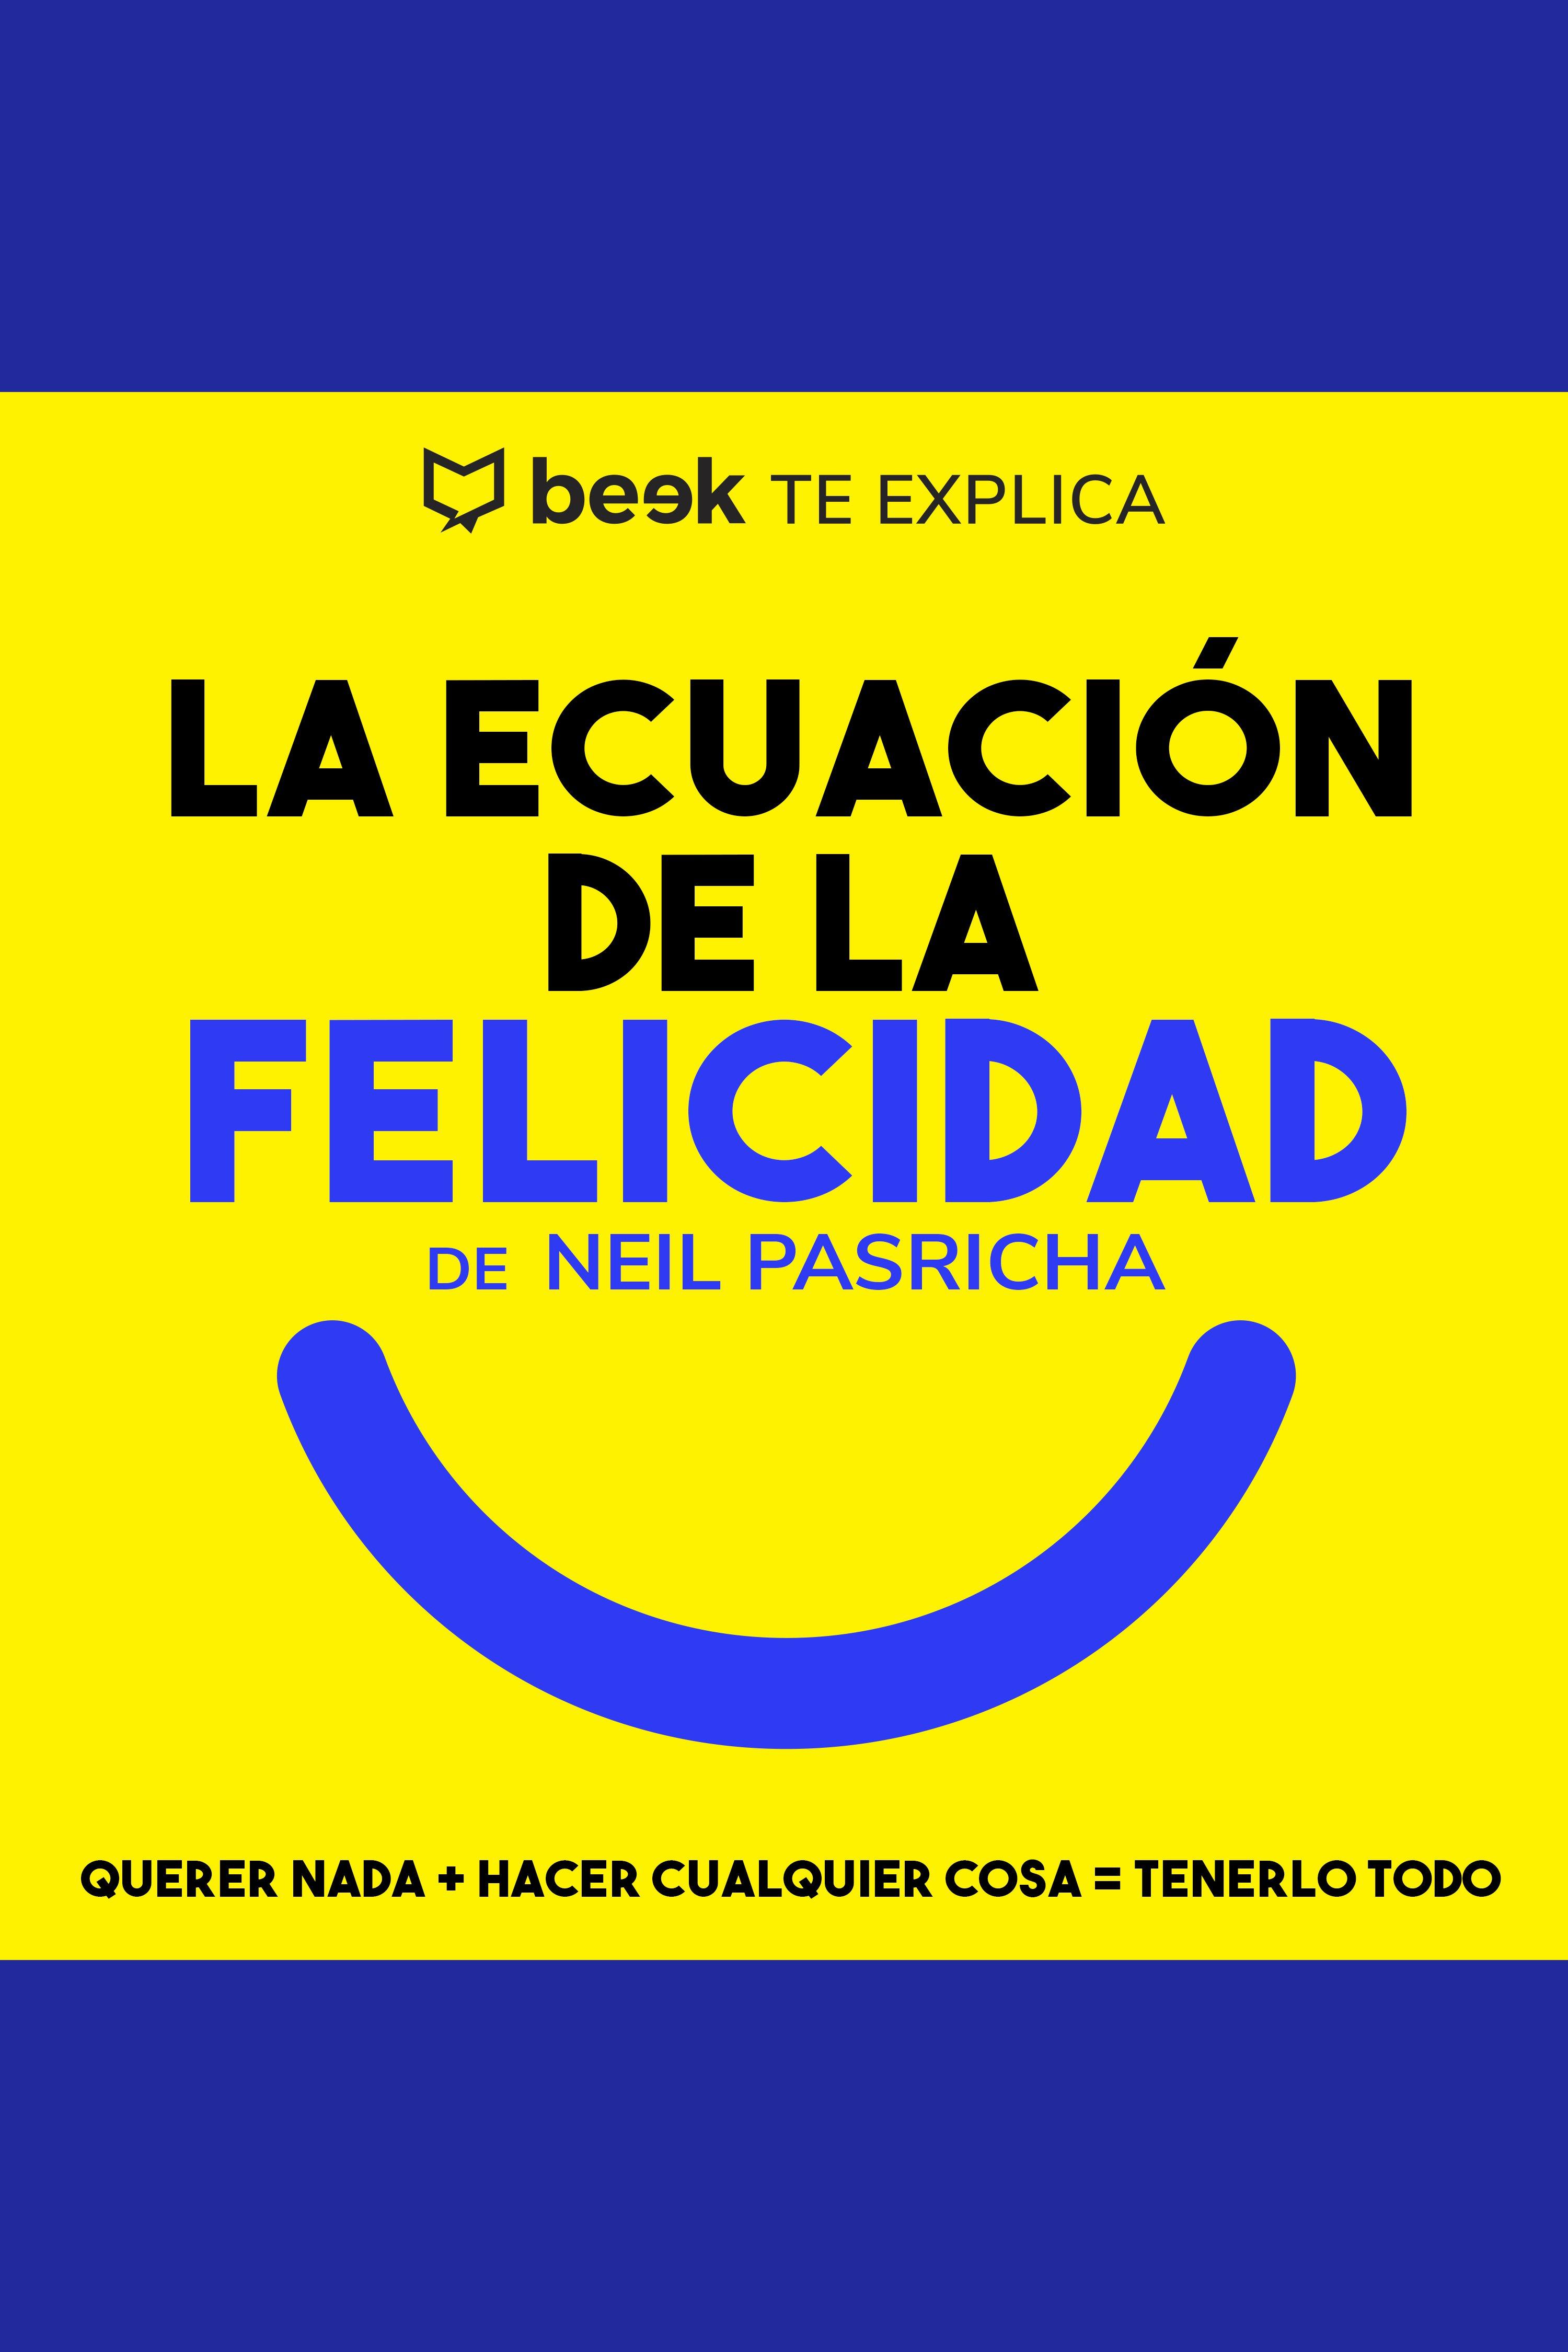 Esta es la portada del audiolibro La ecuación de la felicidad… Beek te explica